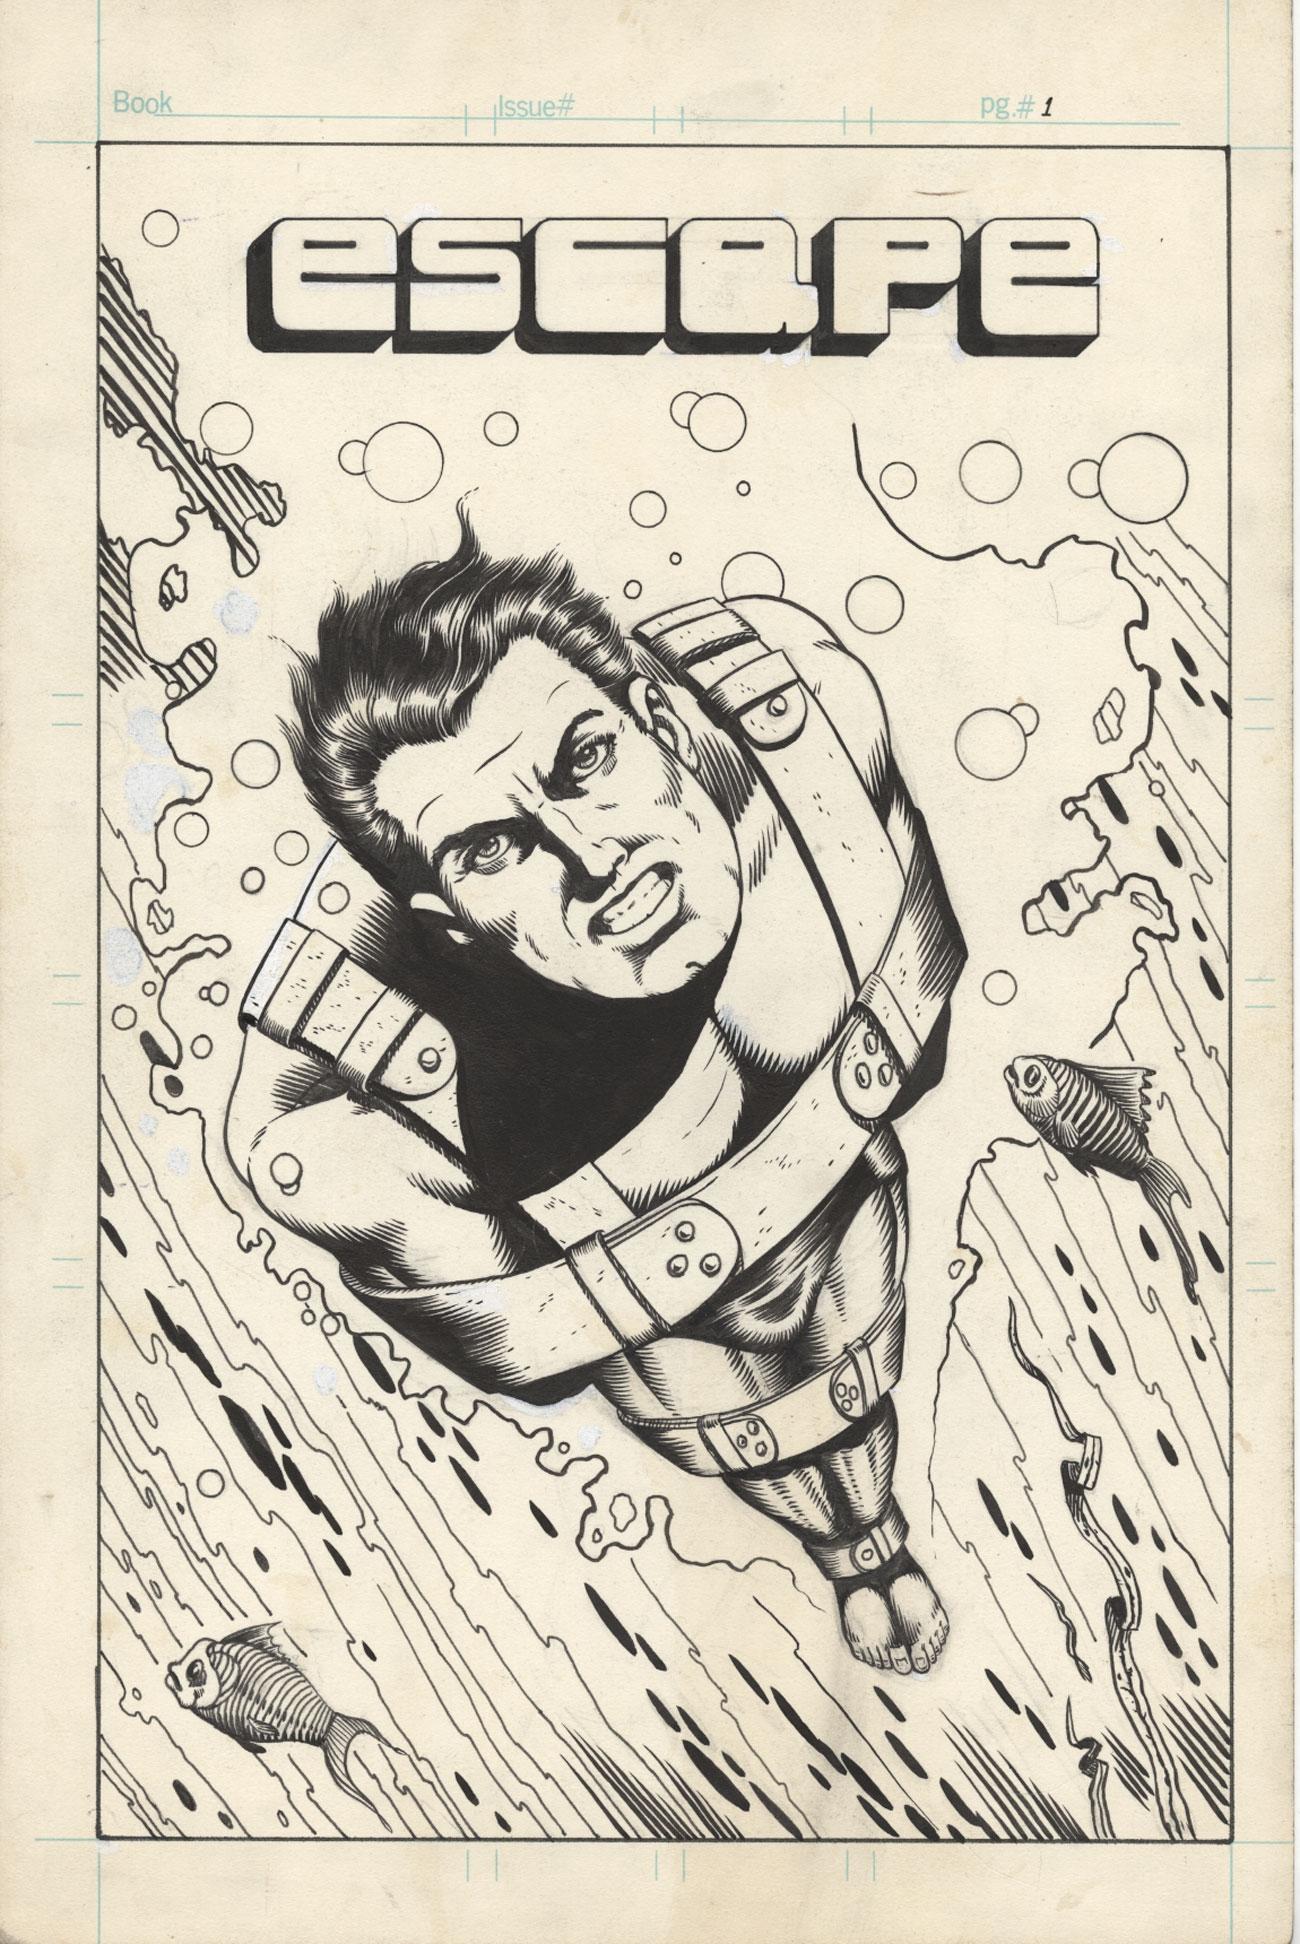 Escape (1973) cover by Greg Theakston.